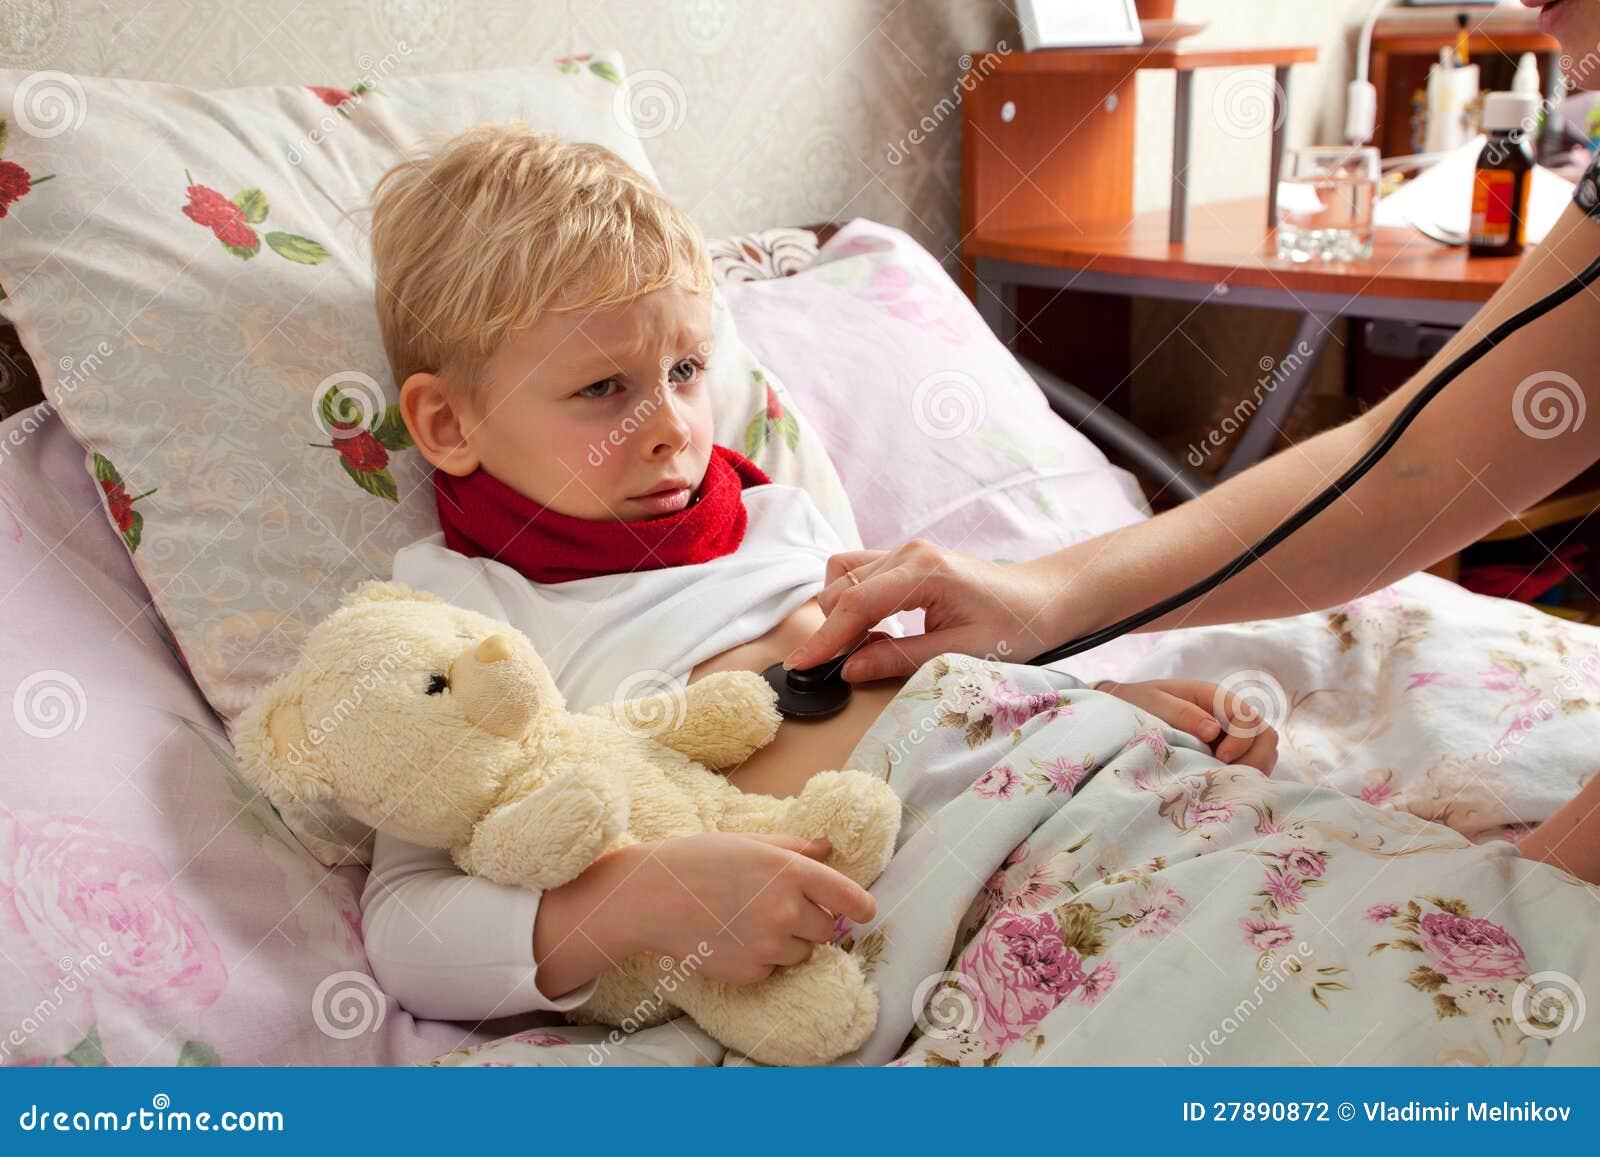 Мальчик лежит на кровати фото фото 170-916